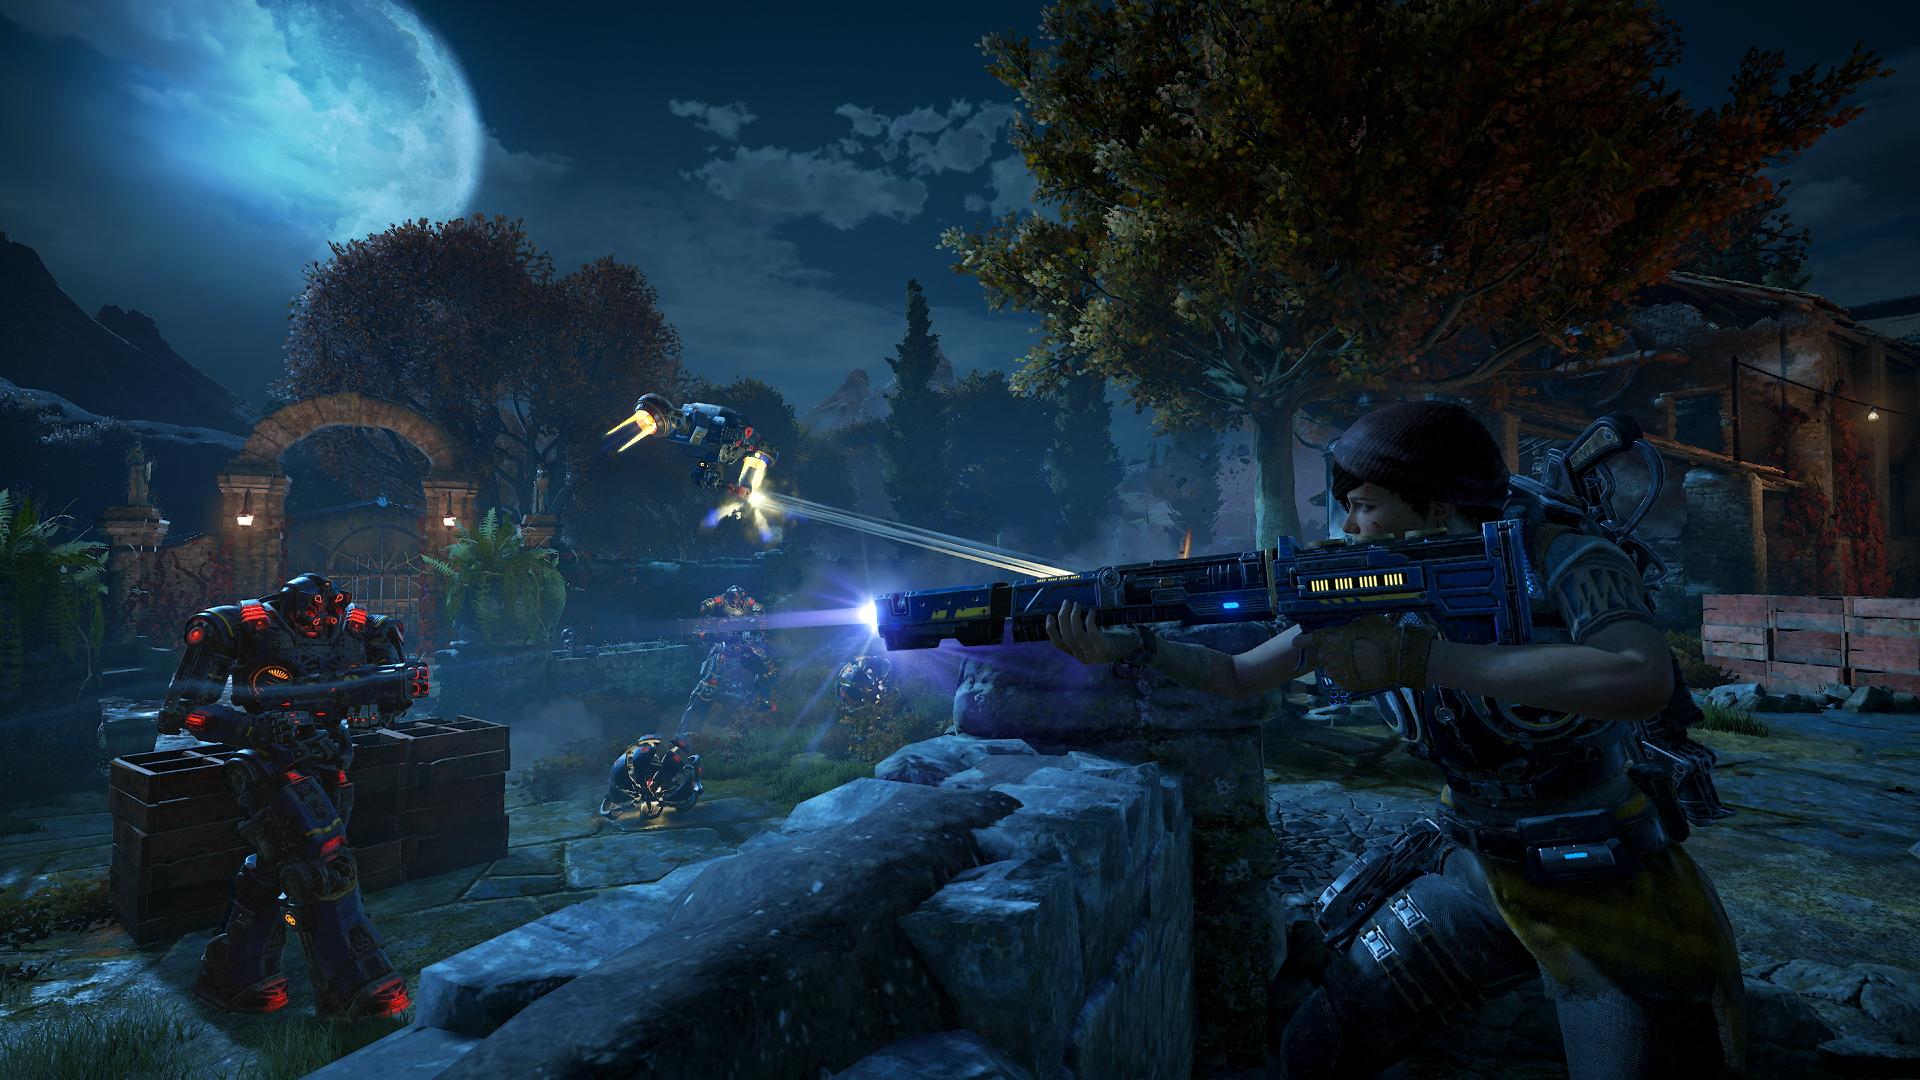 Na faixa, Gears of War 4 ganha novos mapas, modo de morte permanente e mais